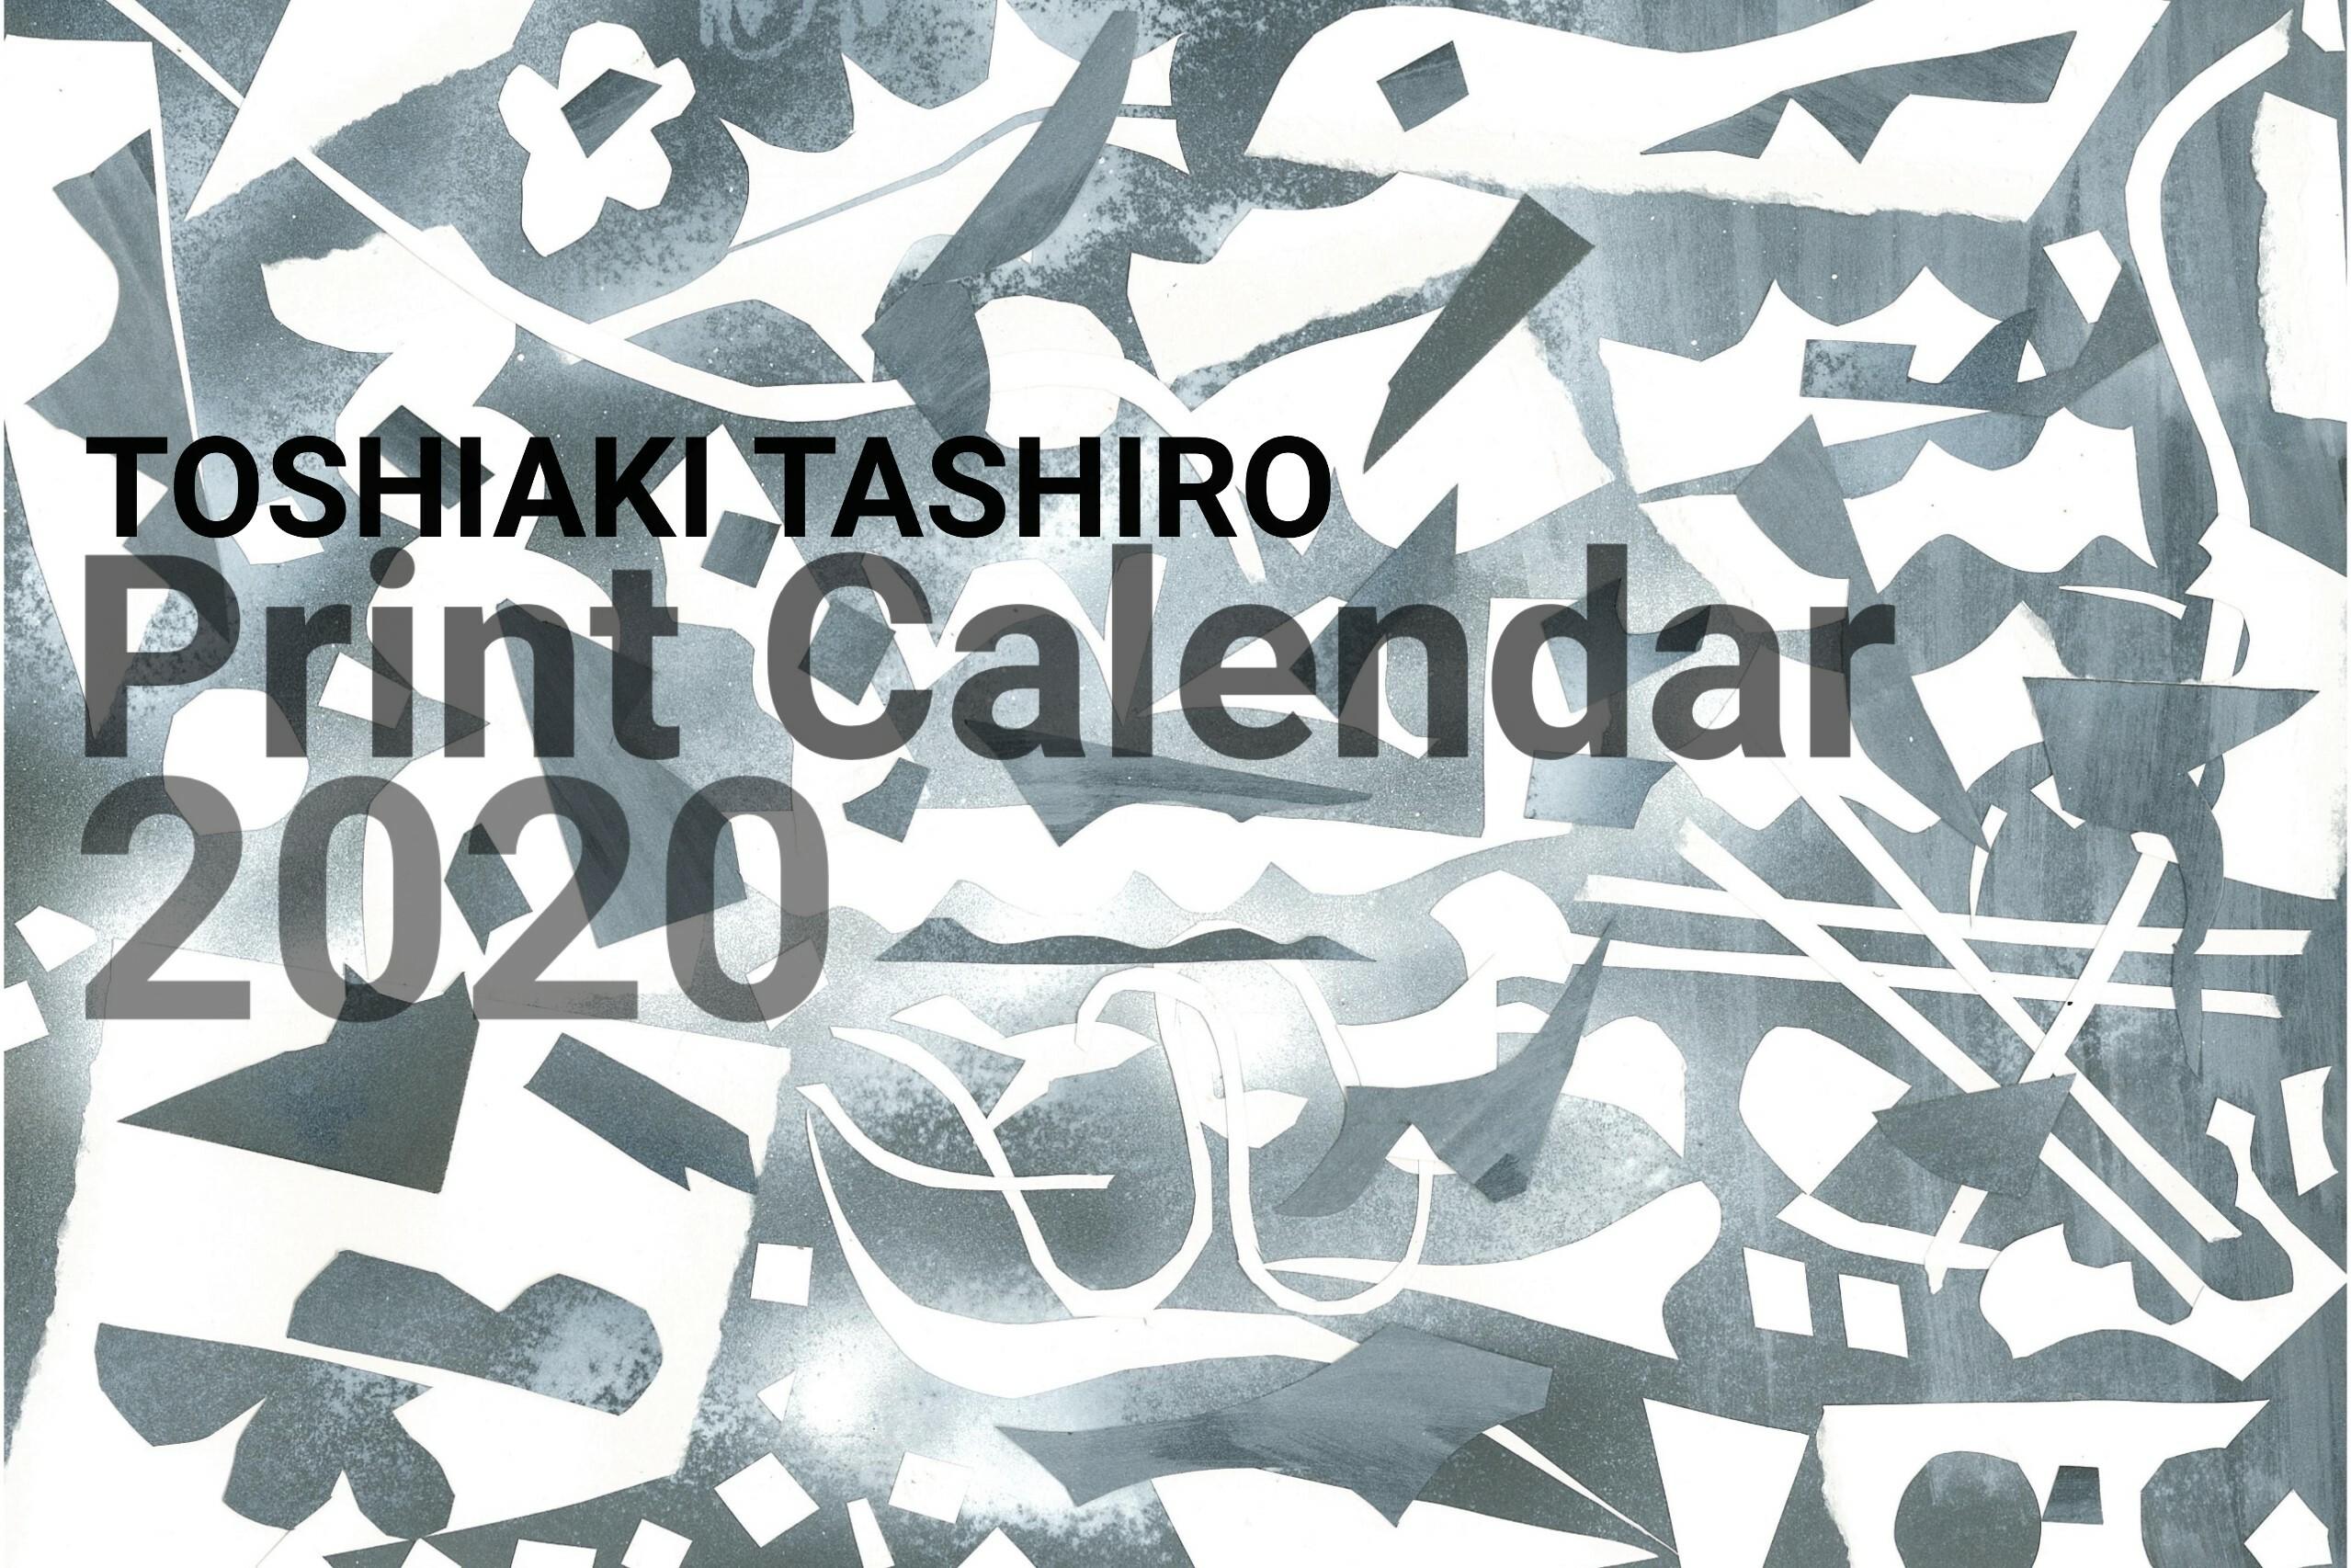 【カレンダー】オリジナルプリントカレンダー2020年版(壁掛けタイプ)